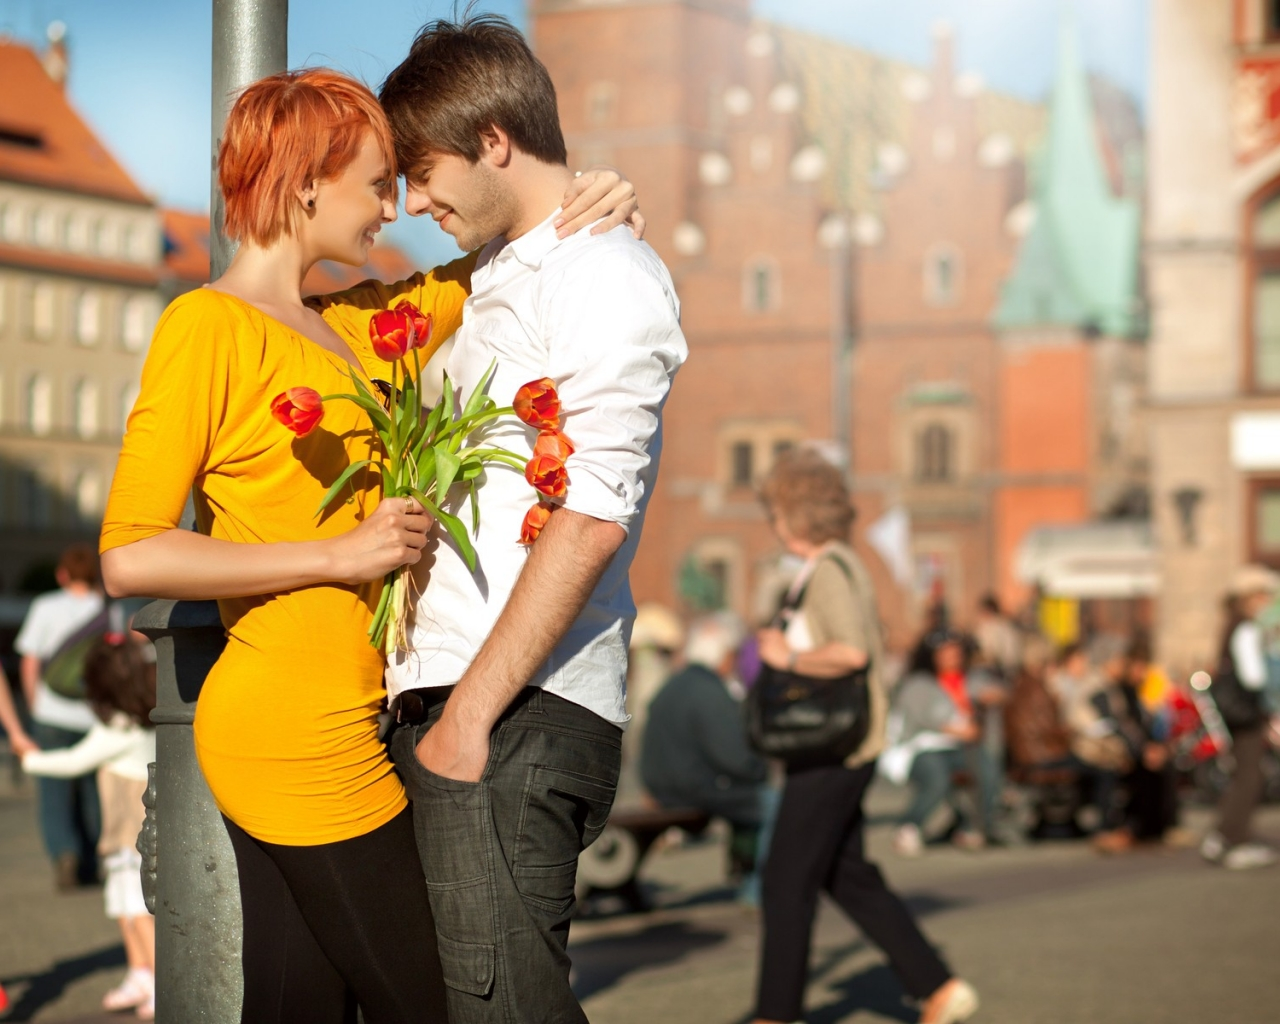 Enamorados felices - 1280x1024